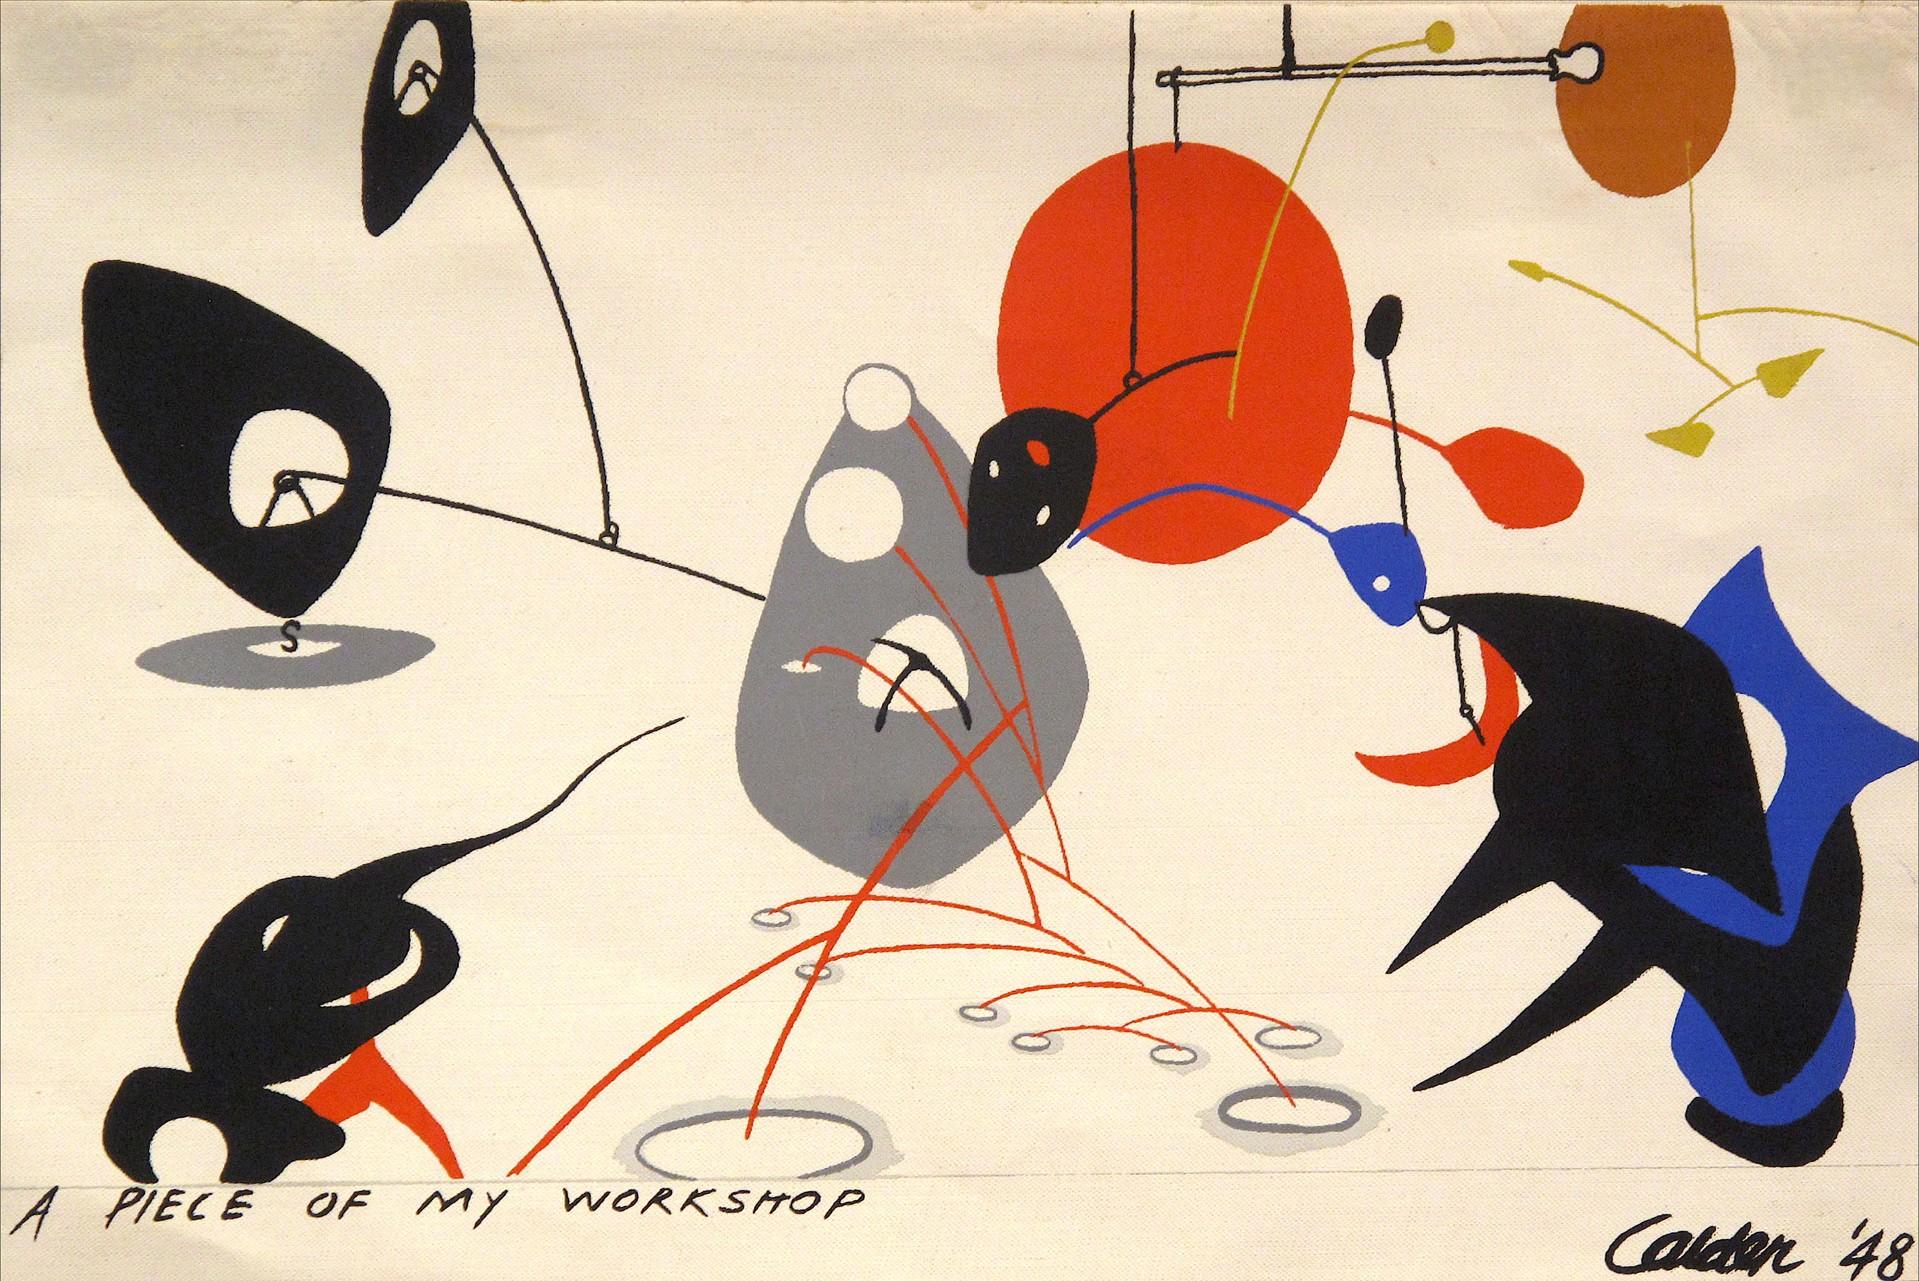 A Piece of My Workshop by Alexander Calder